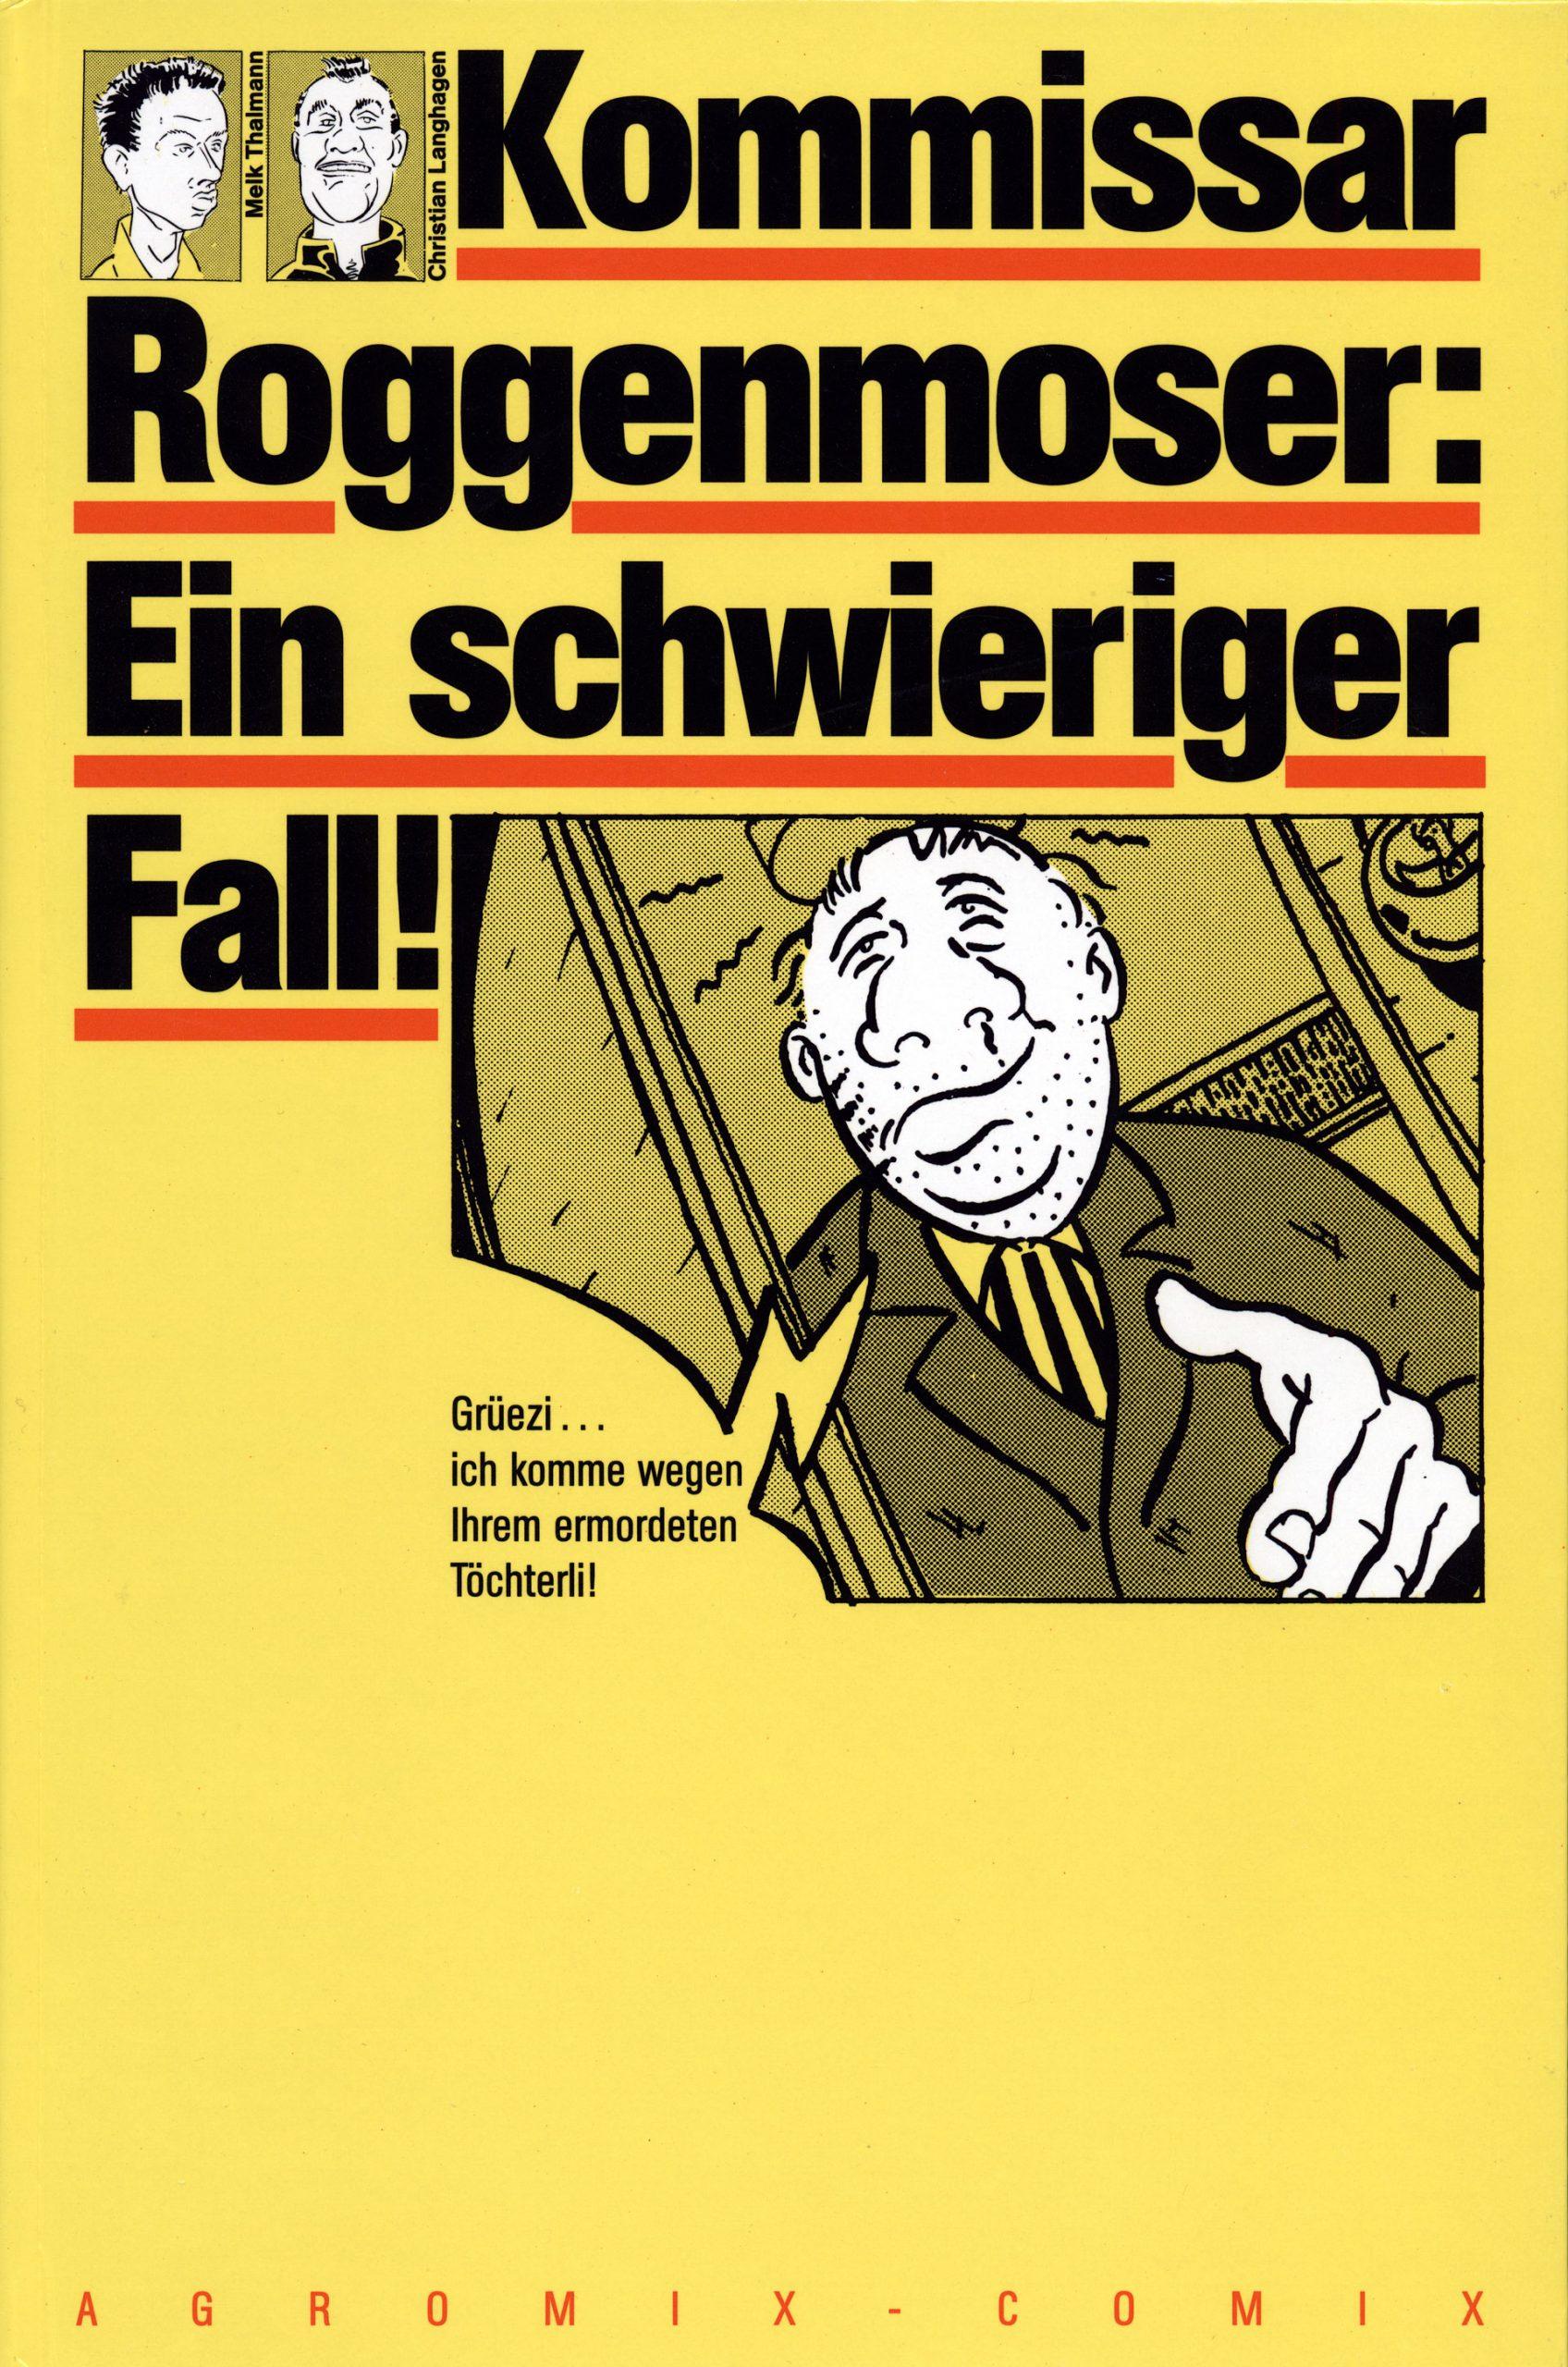 Kommissar-Roggenmoser1